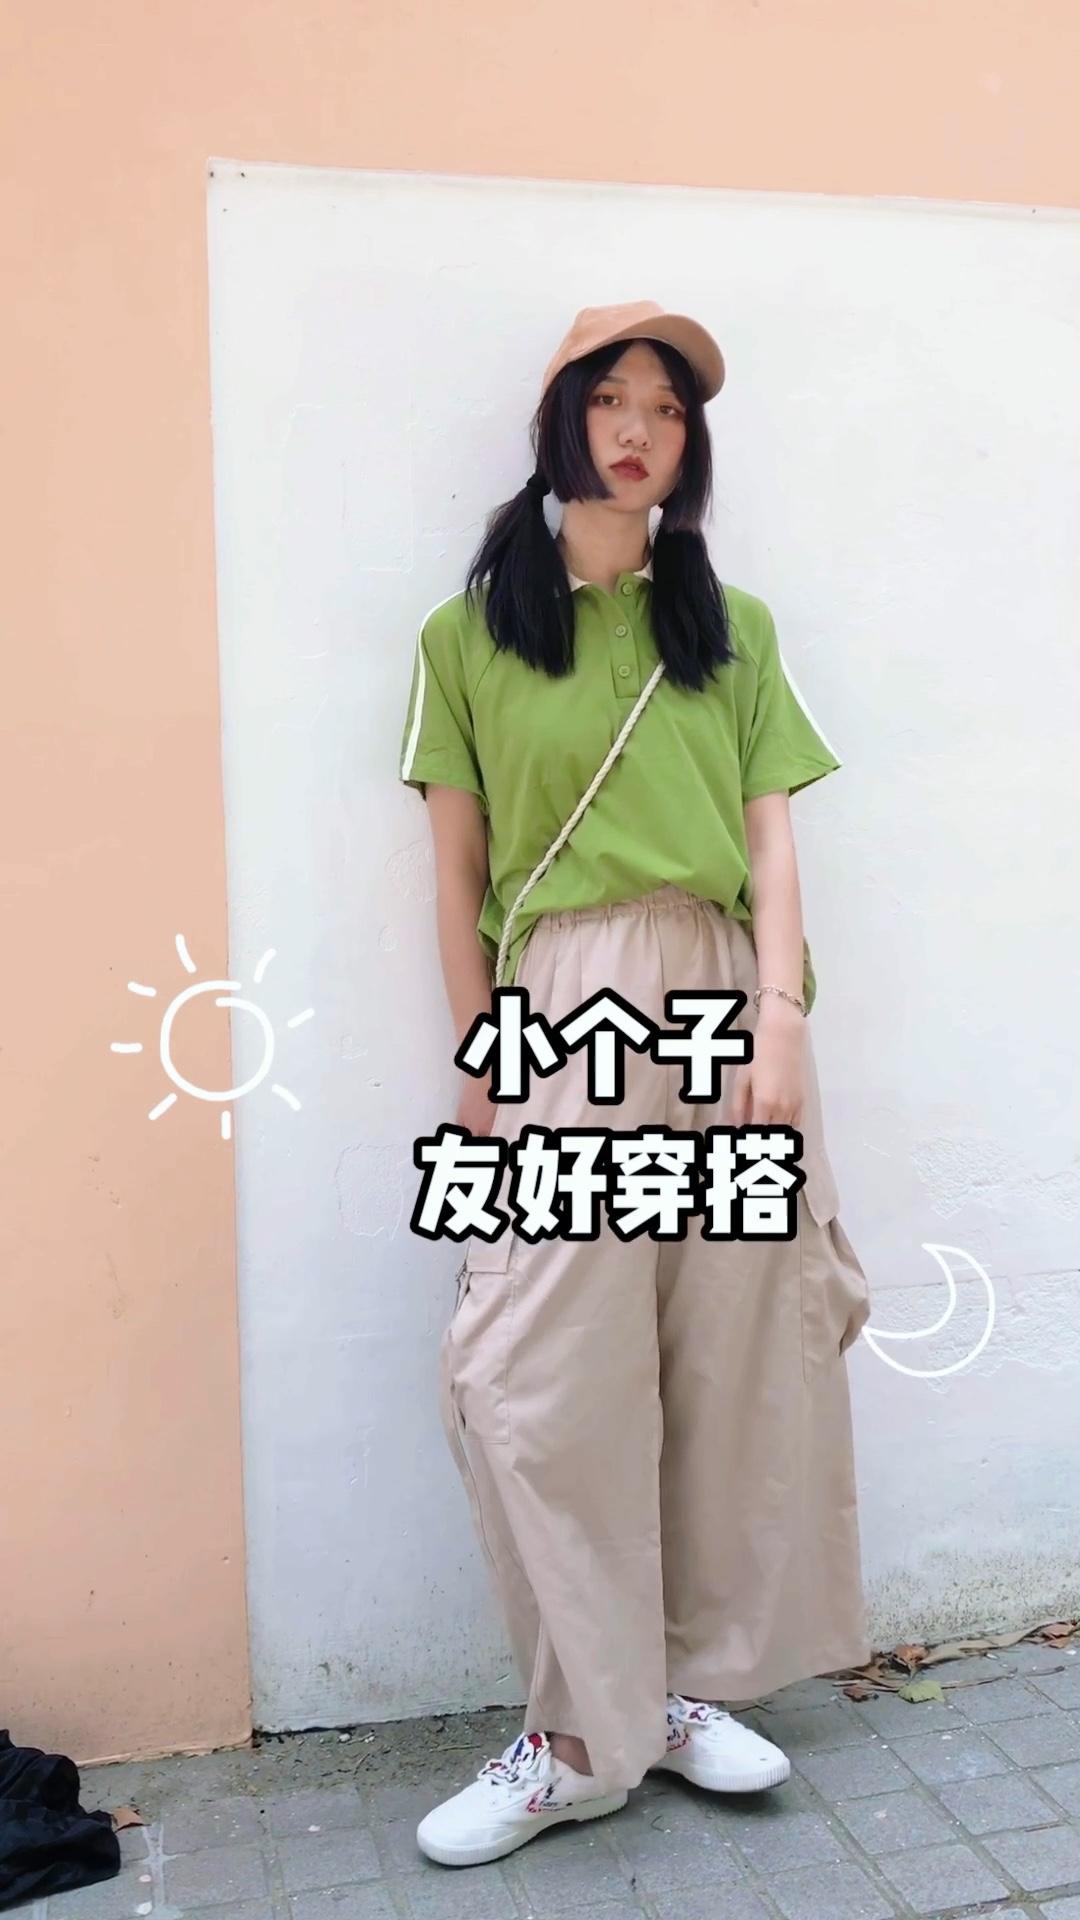 #120斤女孩入秋穿搭攻略#  卡其色搭配绿色也是和谐又亮眼 垂感阔腿裤很显瘦 上衣塞进去又很显腿长哦 对小个子超友好哦 与裤子同色的棒球帽使整体更加协调 风格明确休闲自然